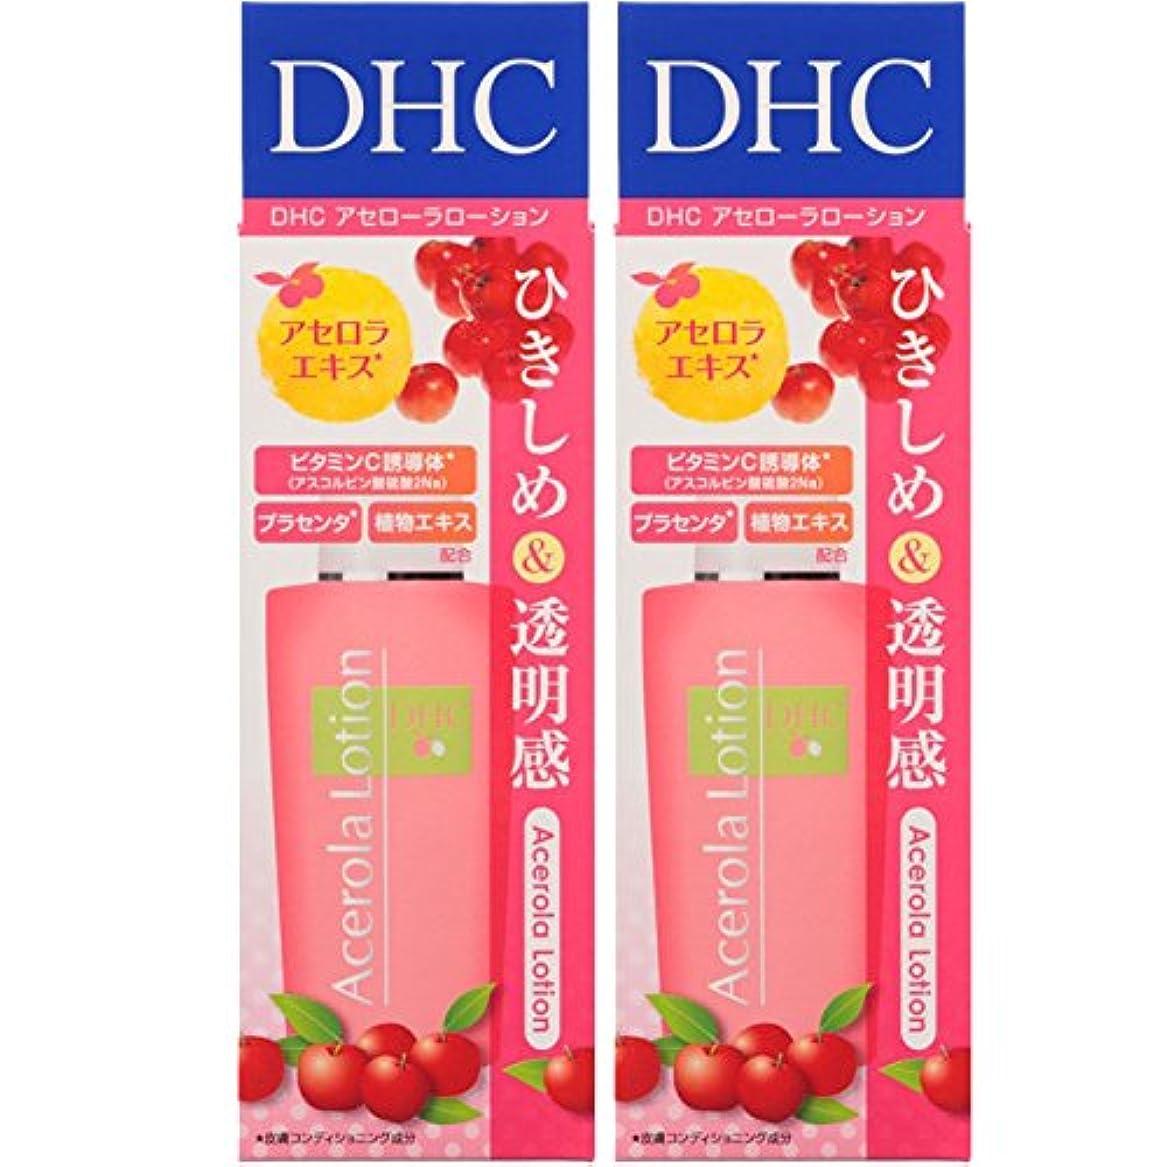 免除良い拡大する【セット品】DHC アセロラローション (SS) 40ml 2個セット